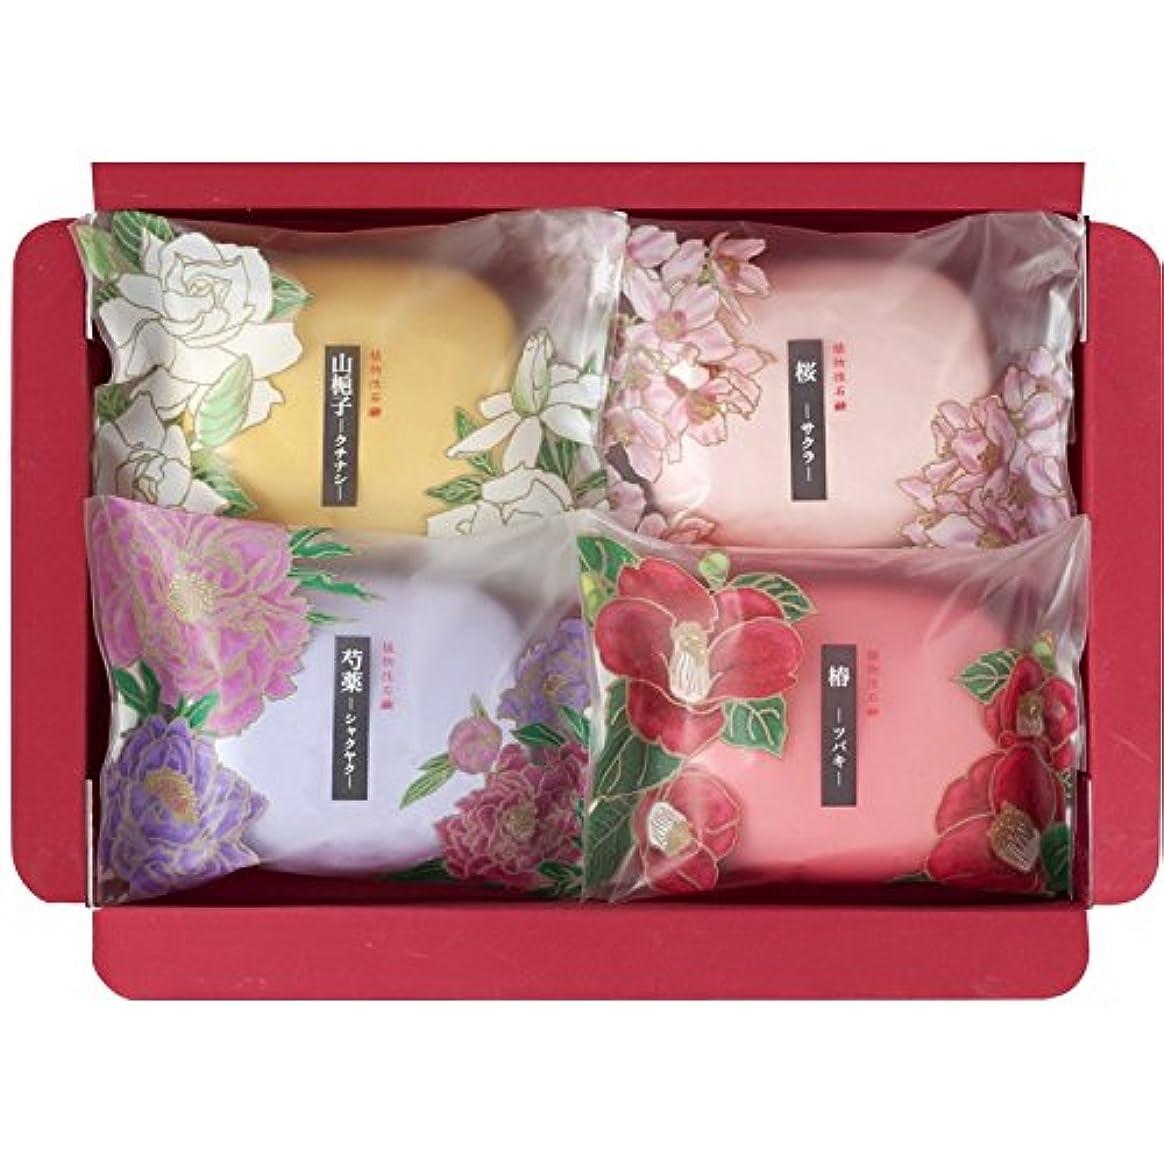 宮殿気がついてジェーンオースティン彩花だより 【固形 ギフト せっけん あわ いい香り いい匂い うるおい プレゼント お風呂 かおり からだ きれい つめあわせ 日本製 国産 500】